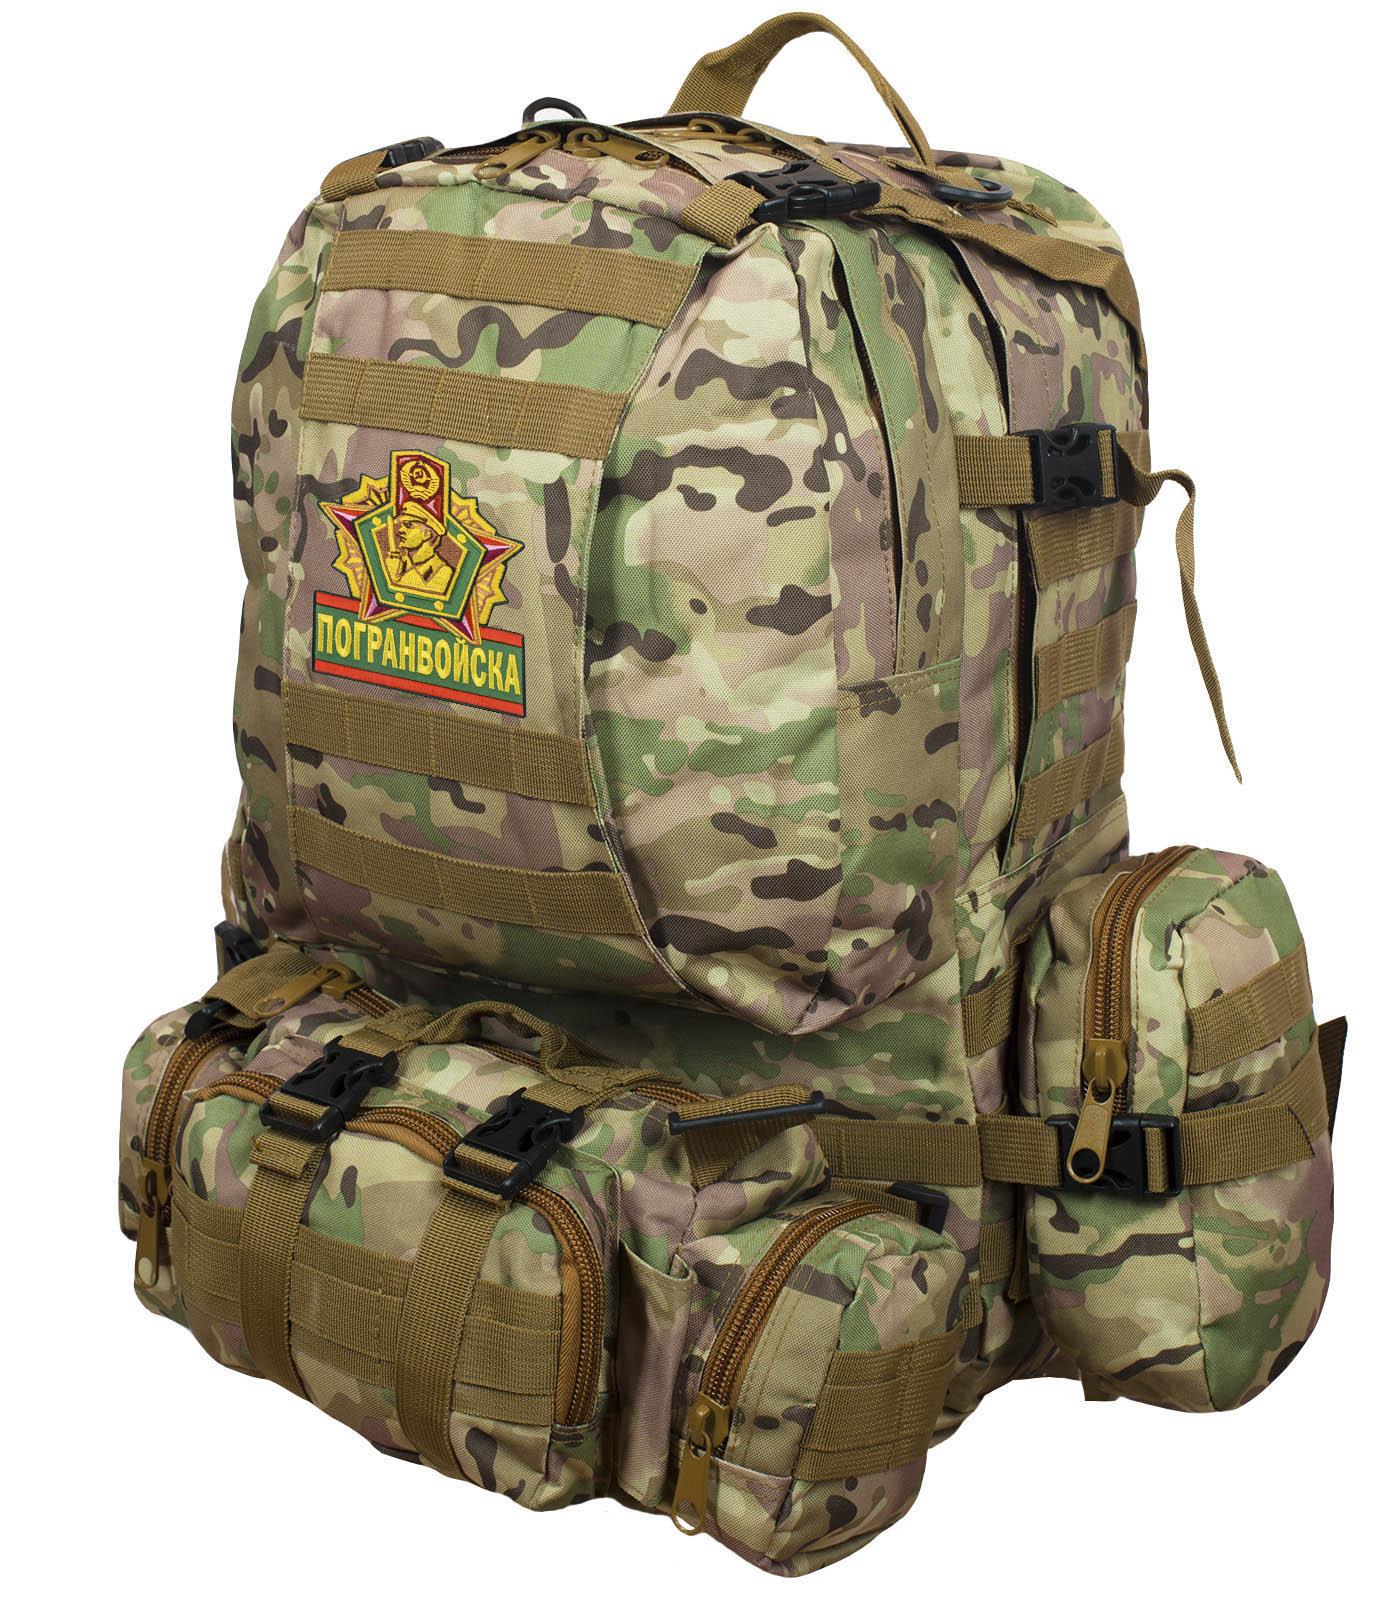 Функциональный армейский рюкзак Погранвойска от ТМ US Assault - заказать выгодно